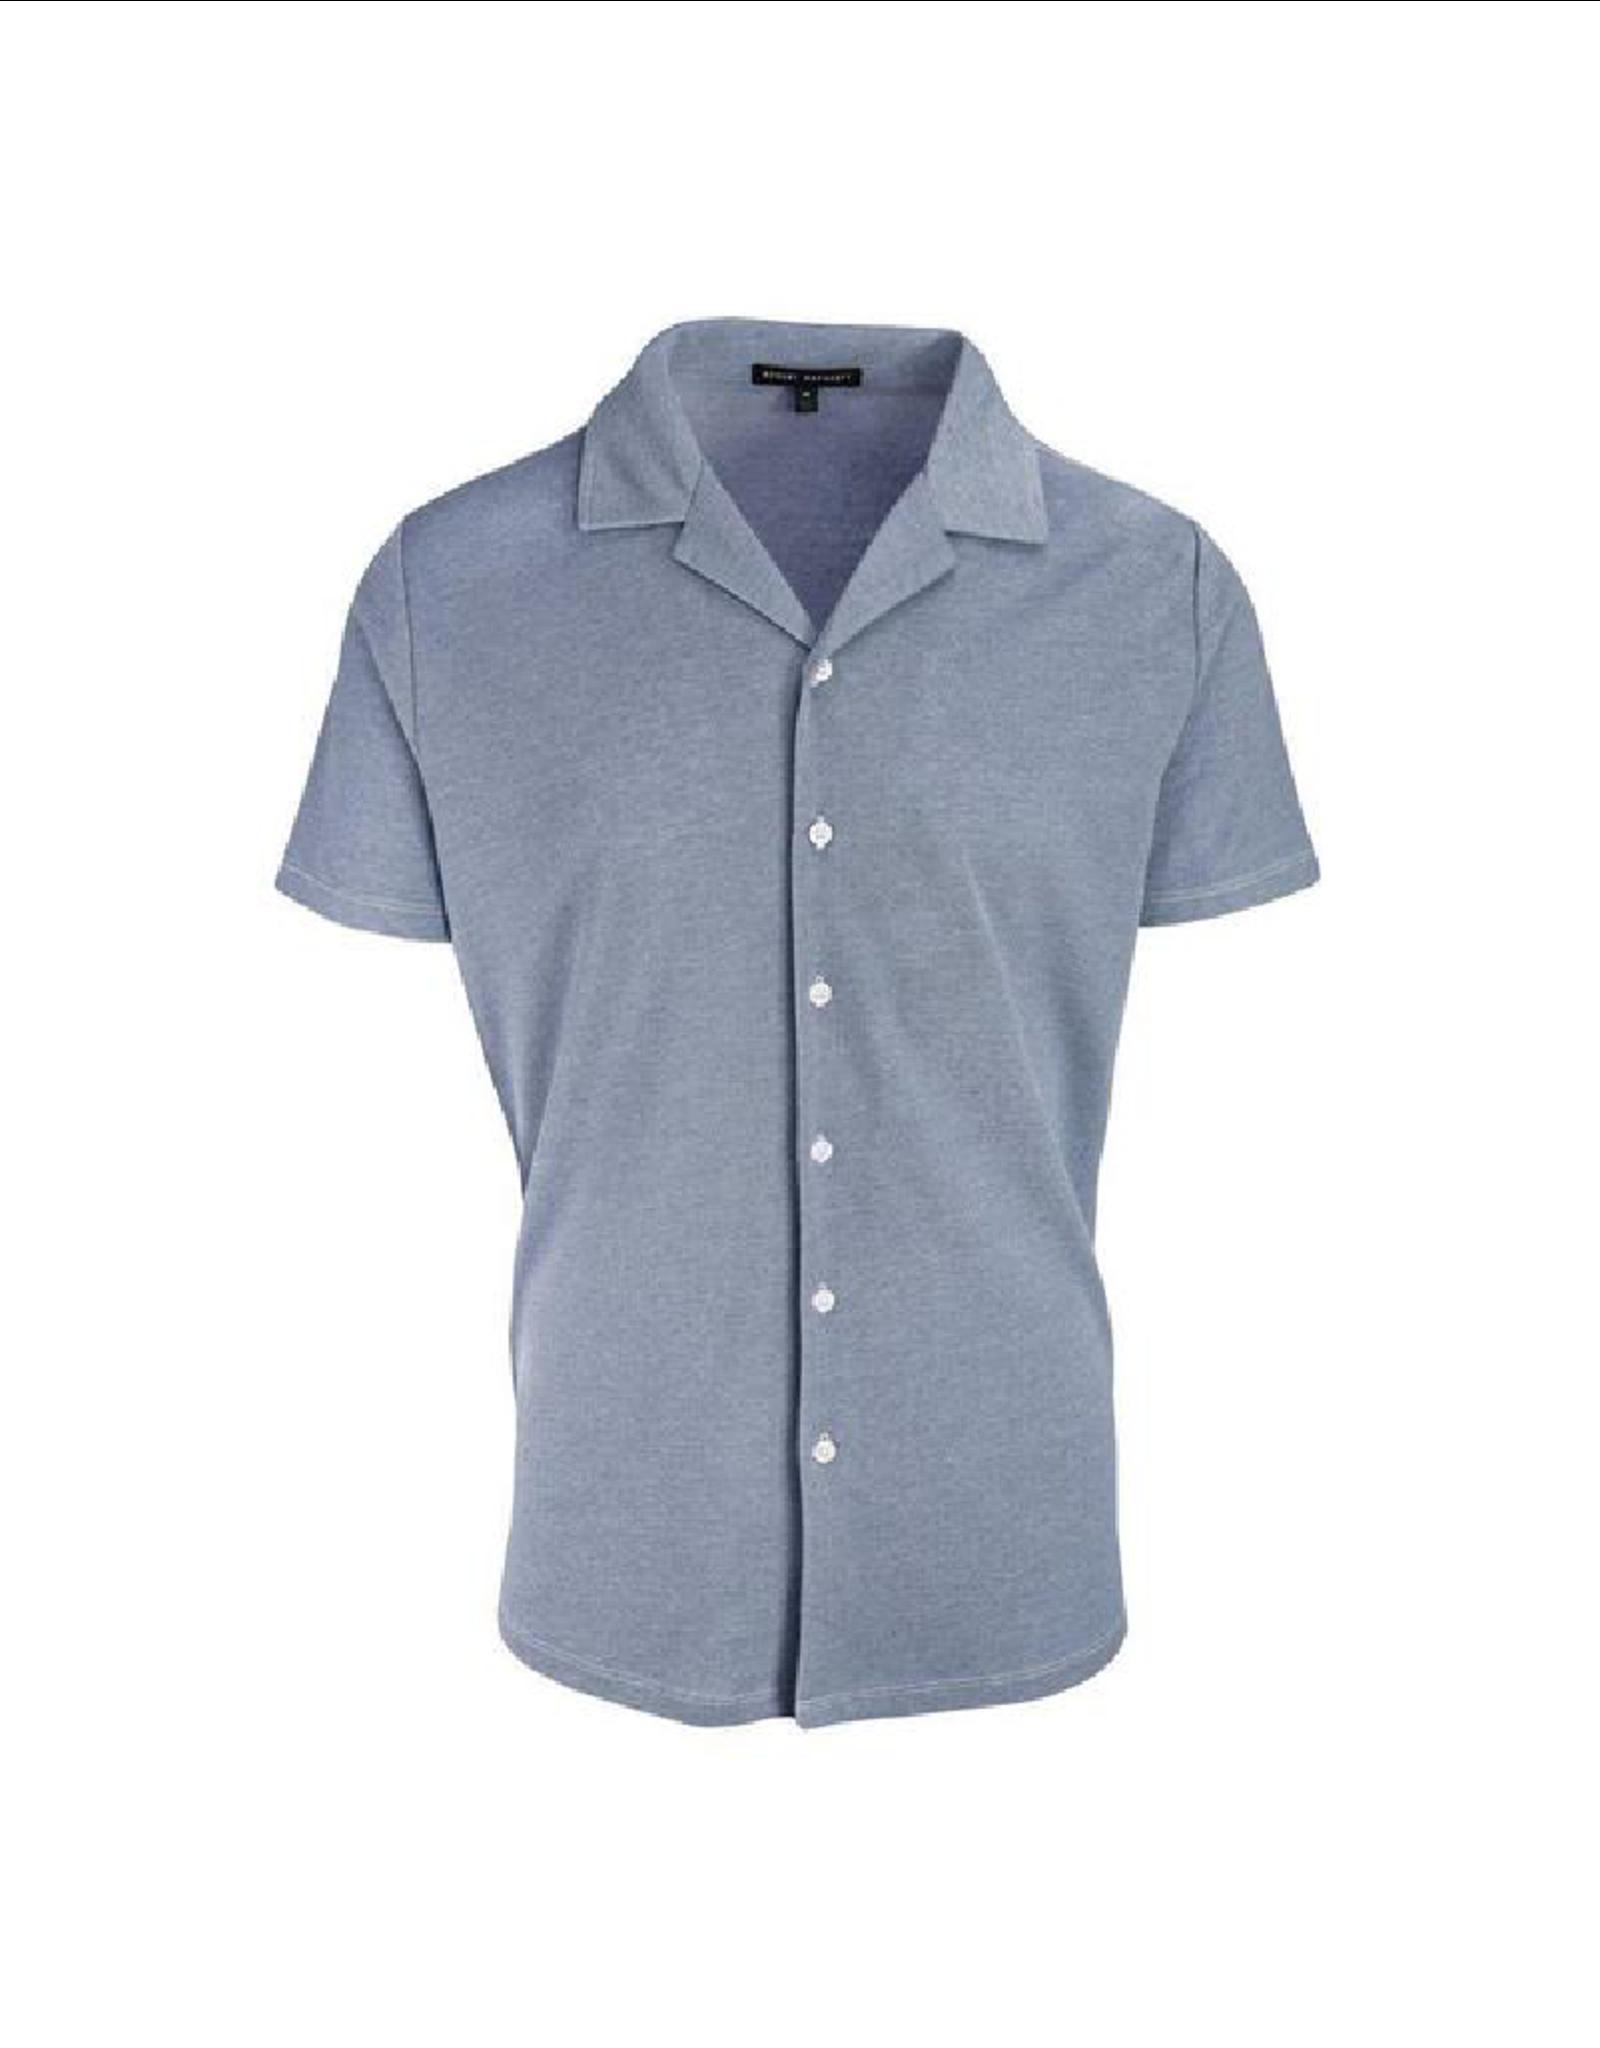 Robert Barakett Filmore Bowler S/S Button Up Knit Shirt